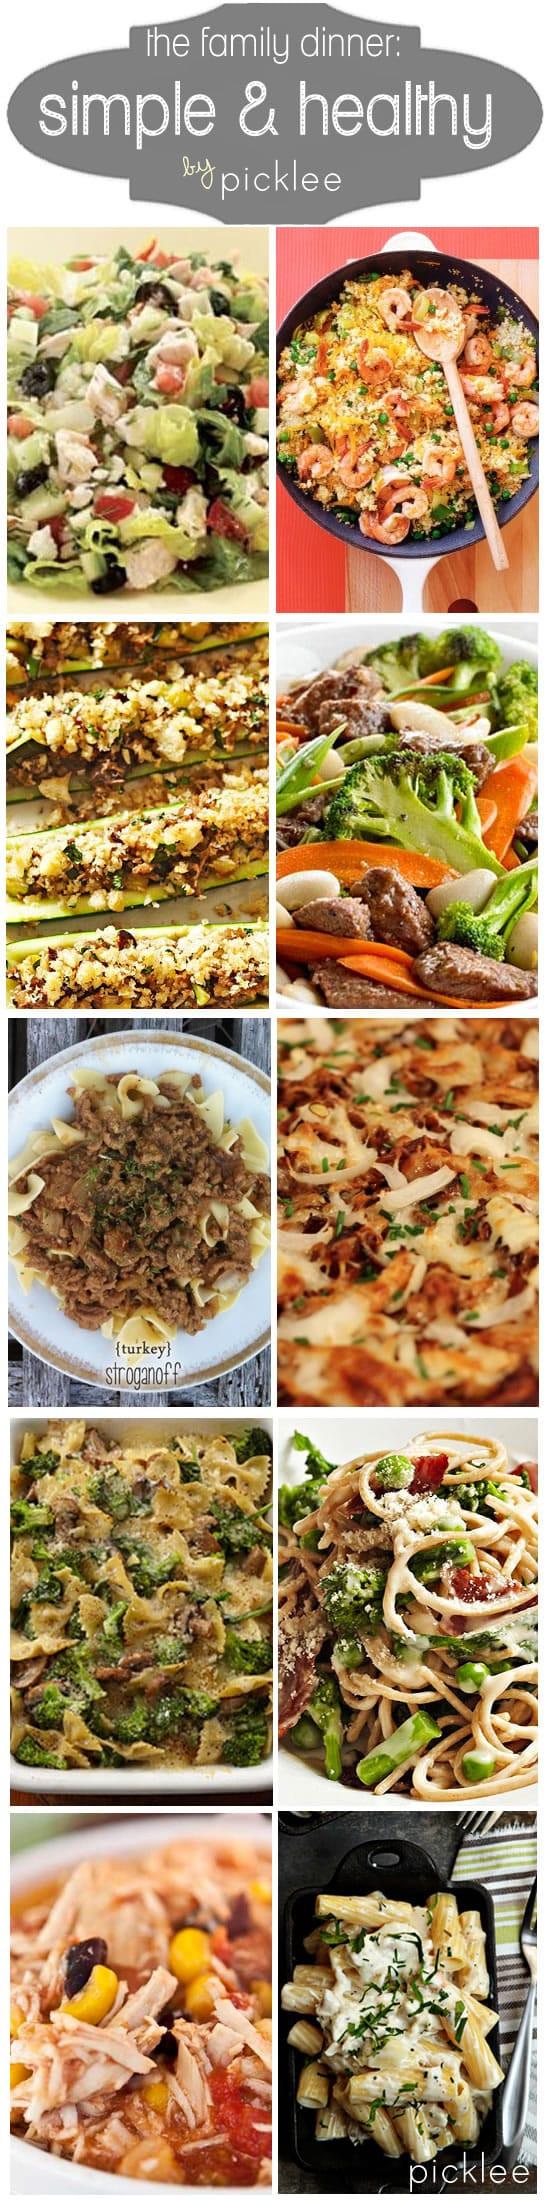 Healthy Weeknight Dinners  10 Simple & Healthy Weeknight Dinners [recipes] Picklee